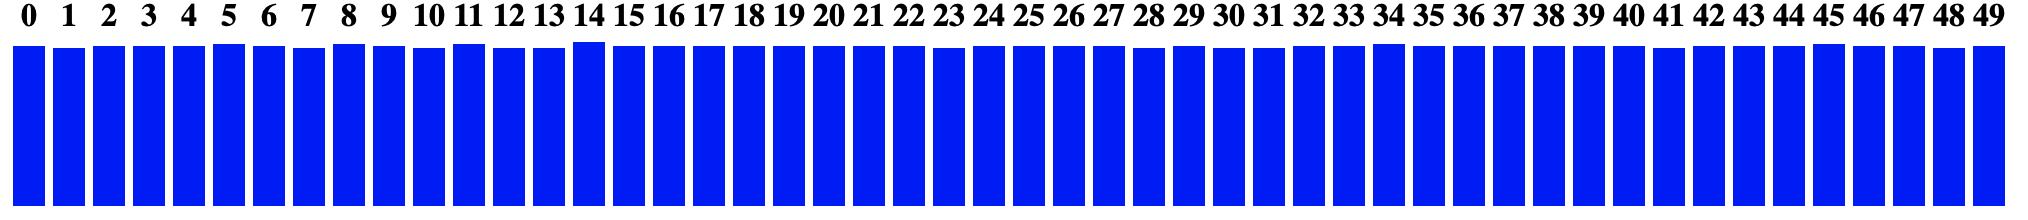 random integer distribution